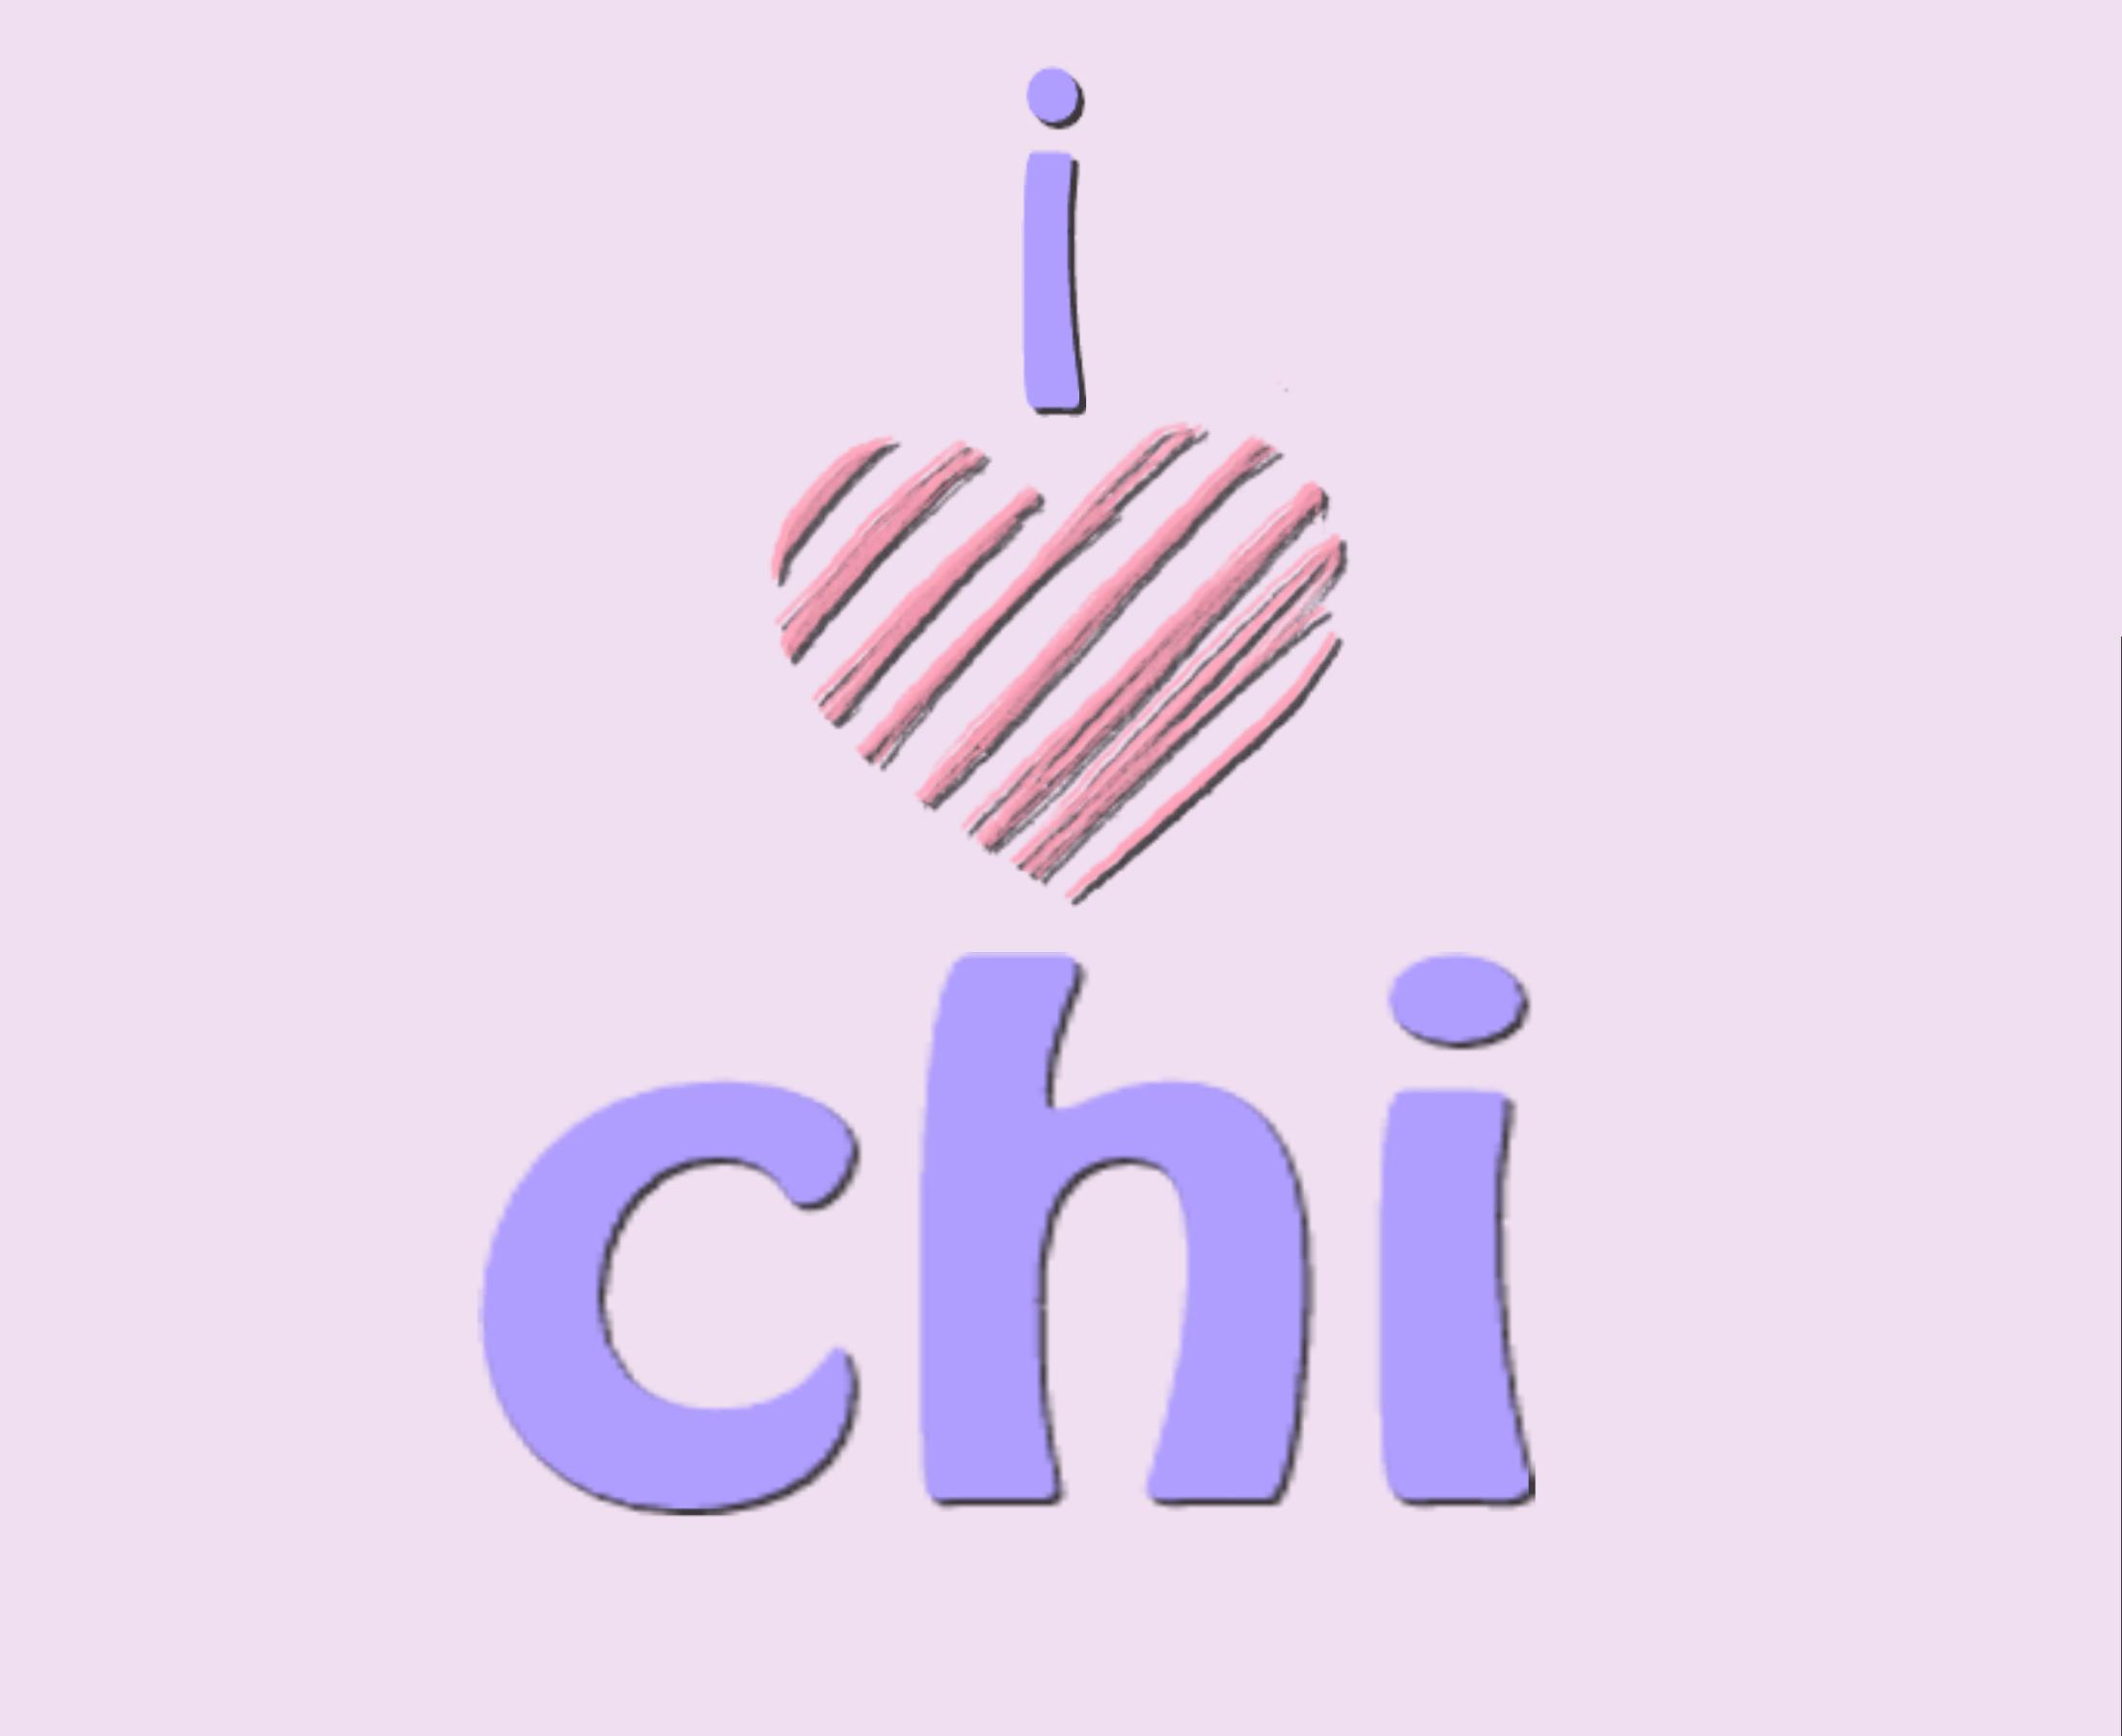 I HEART CHI